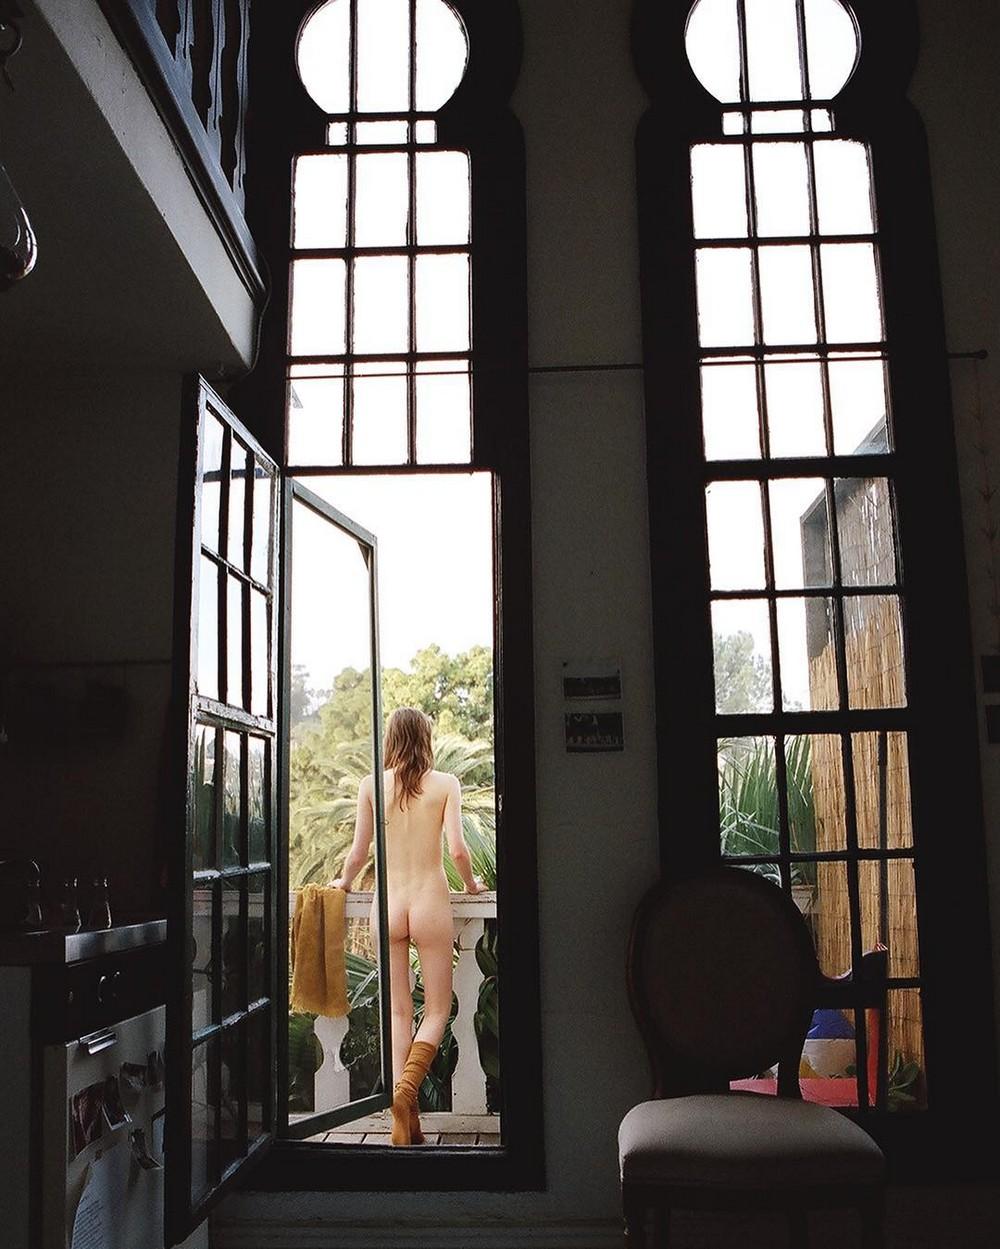 Мода, гламур и ню фото от Джейсона ли Парри